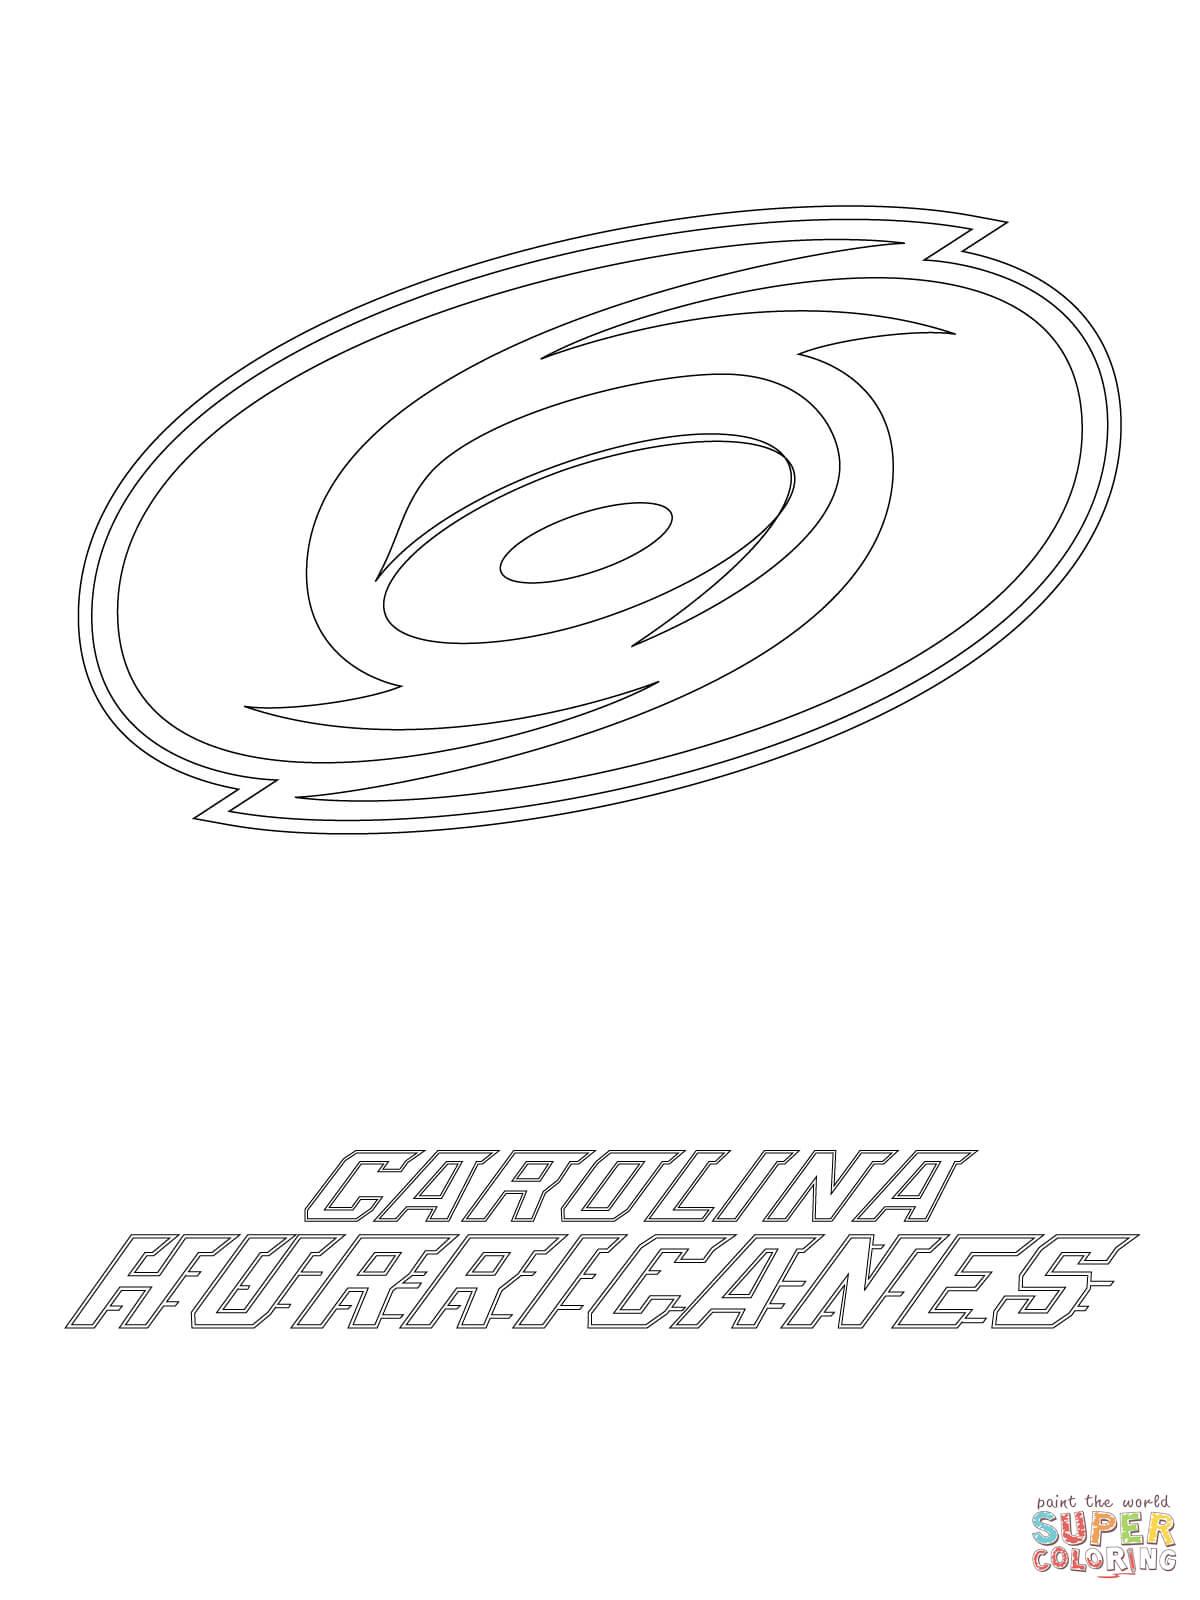 Carolina Hurricanes Logo Coloring Page